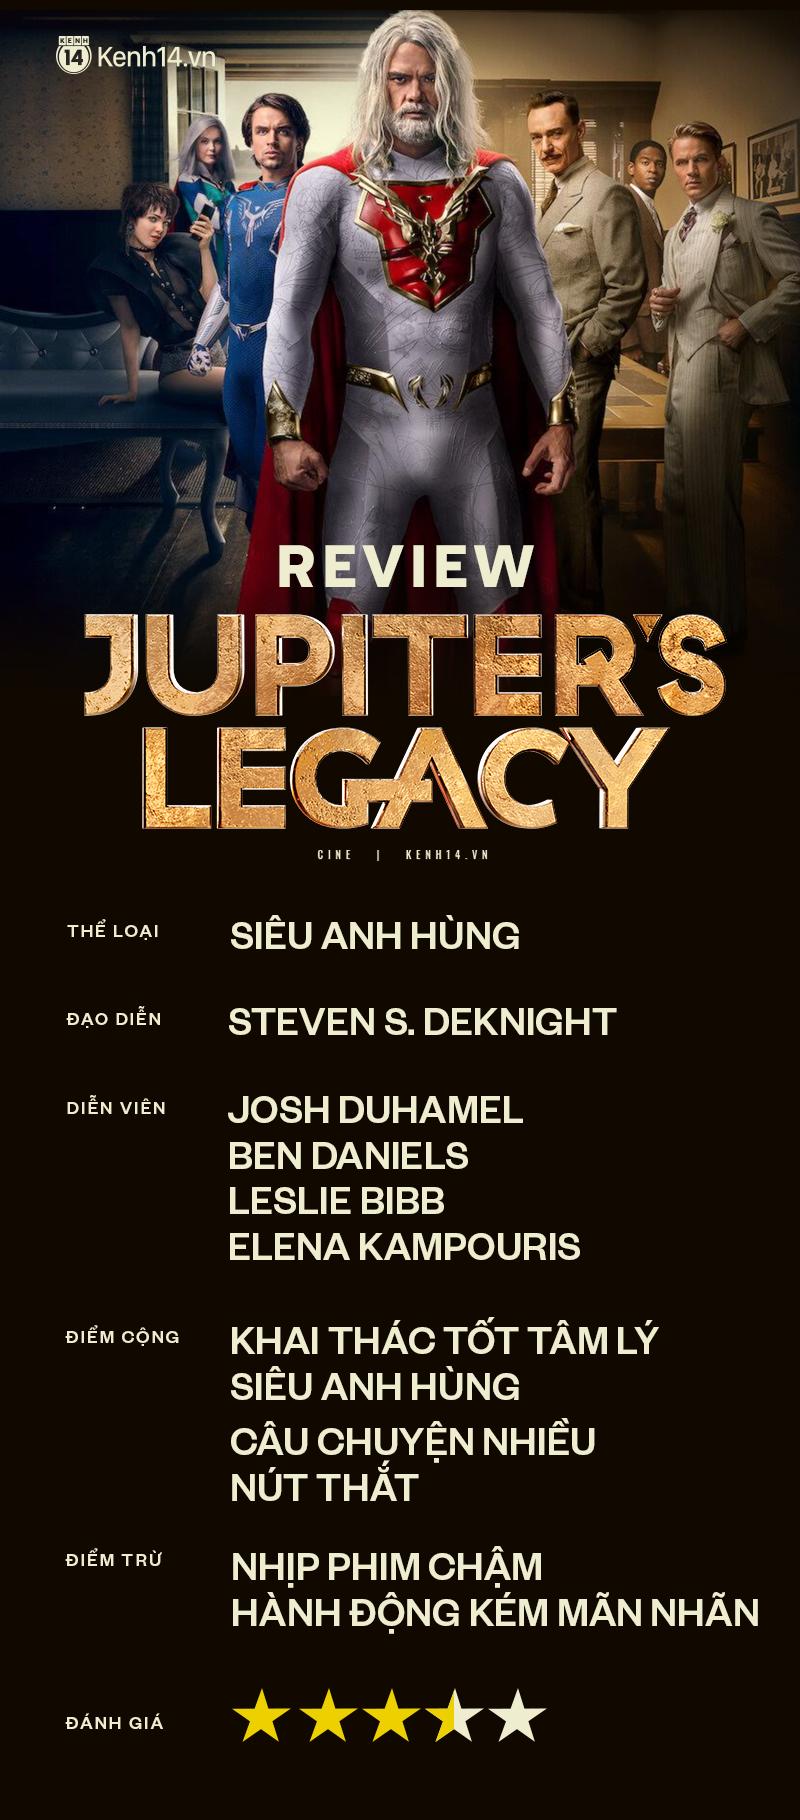 Jupiters Legacy: Sẽ thế nào nếu siêu anh hùng là những kẻ nghiện hút, ăn chơi trác táng? - Ảnh 10.